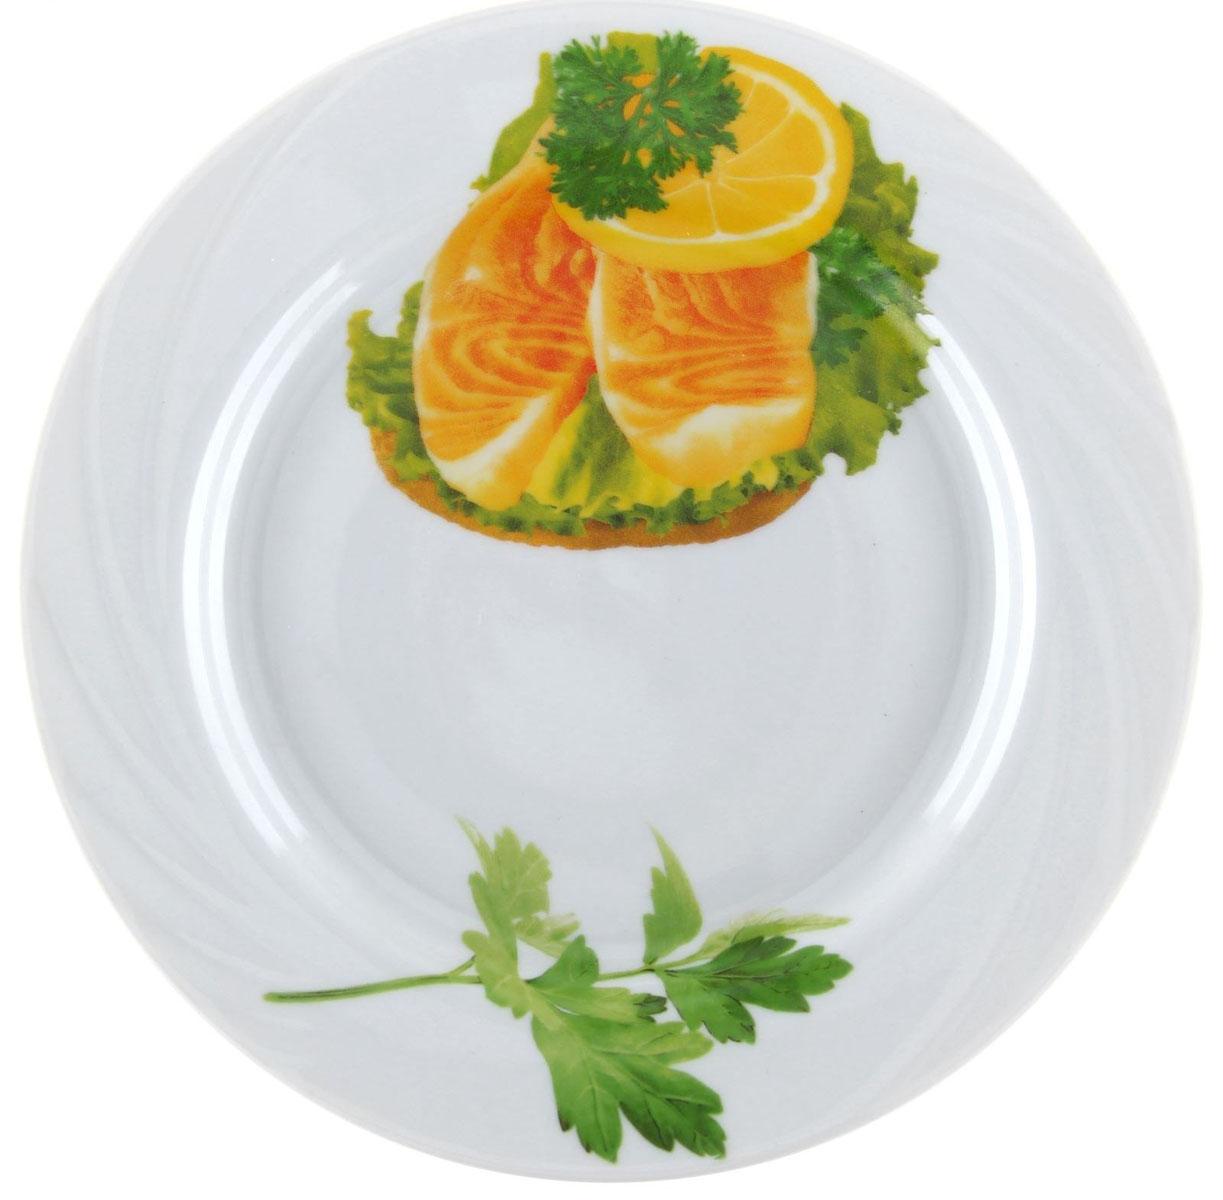 Тарелка мелкая Голубка. Бутерброды, диаметр 20 см1303756Мелкая тарелка Голубка. Бутерброды выполнена из высококачественного фарфора и оформлена изображением бутербродов с рыбой. Изделие сочетает в себе изысканный дизайн с максимальной функциональностью. Она прекрасно впишется в интерьер вашей кухни и станет достойным дополнением к кухонному инвентарю. Тарелка Голубка. Бутерброды подчеркнет прекрасный вкус хозяйки и станет отличным подарком. Диаметр: 20 см.